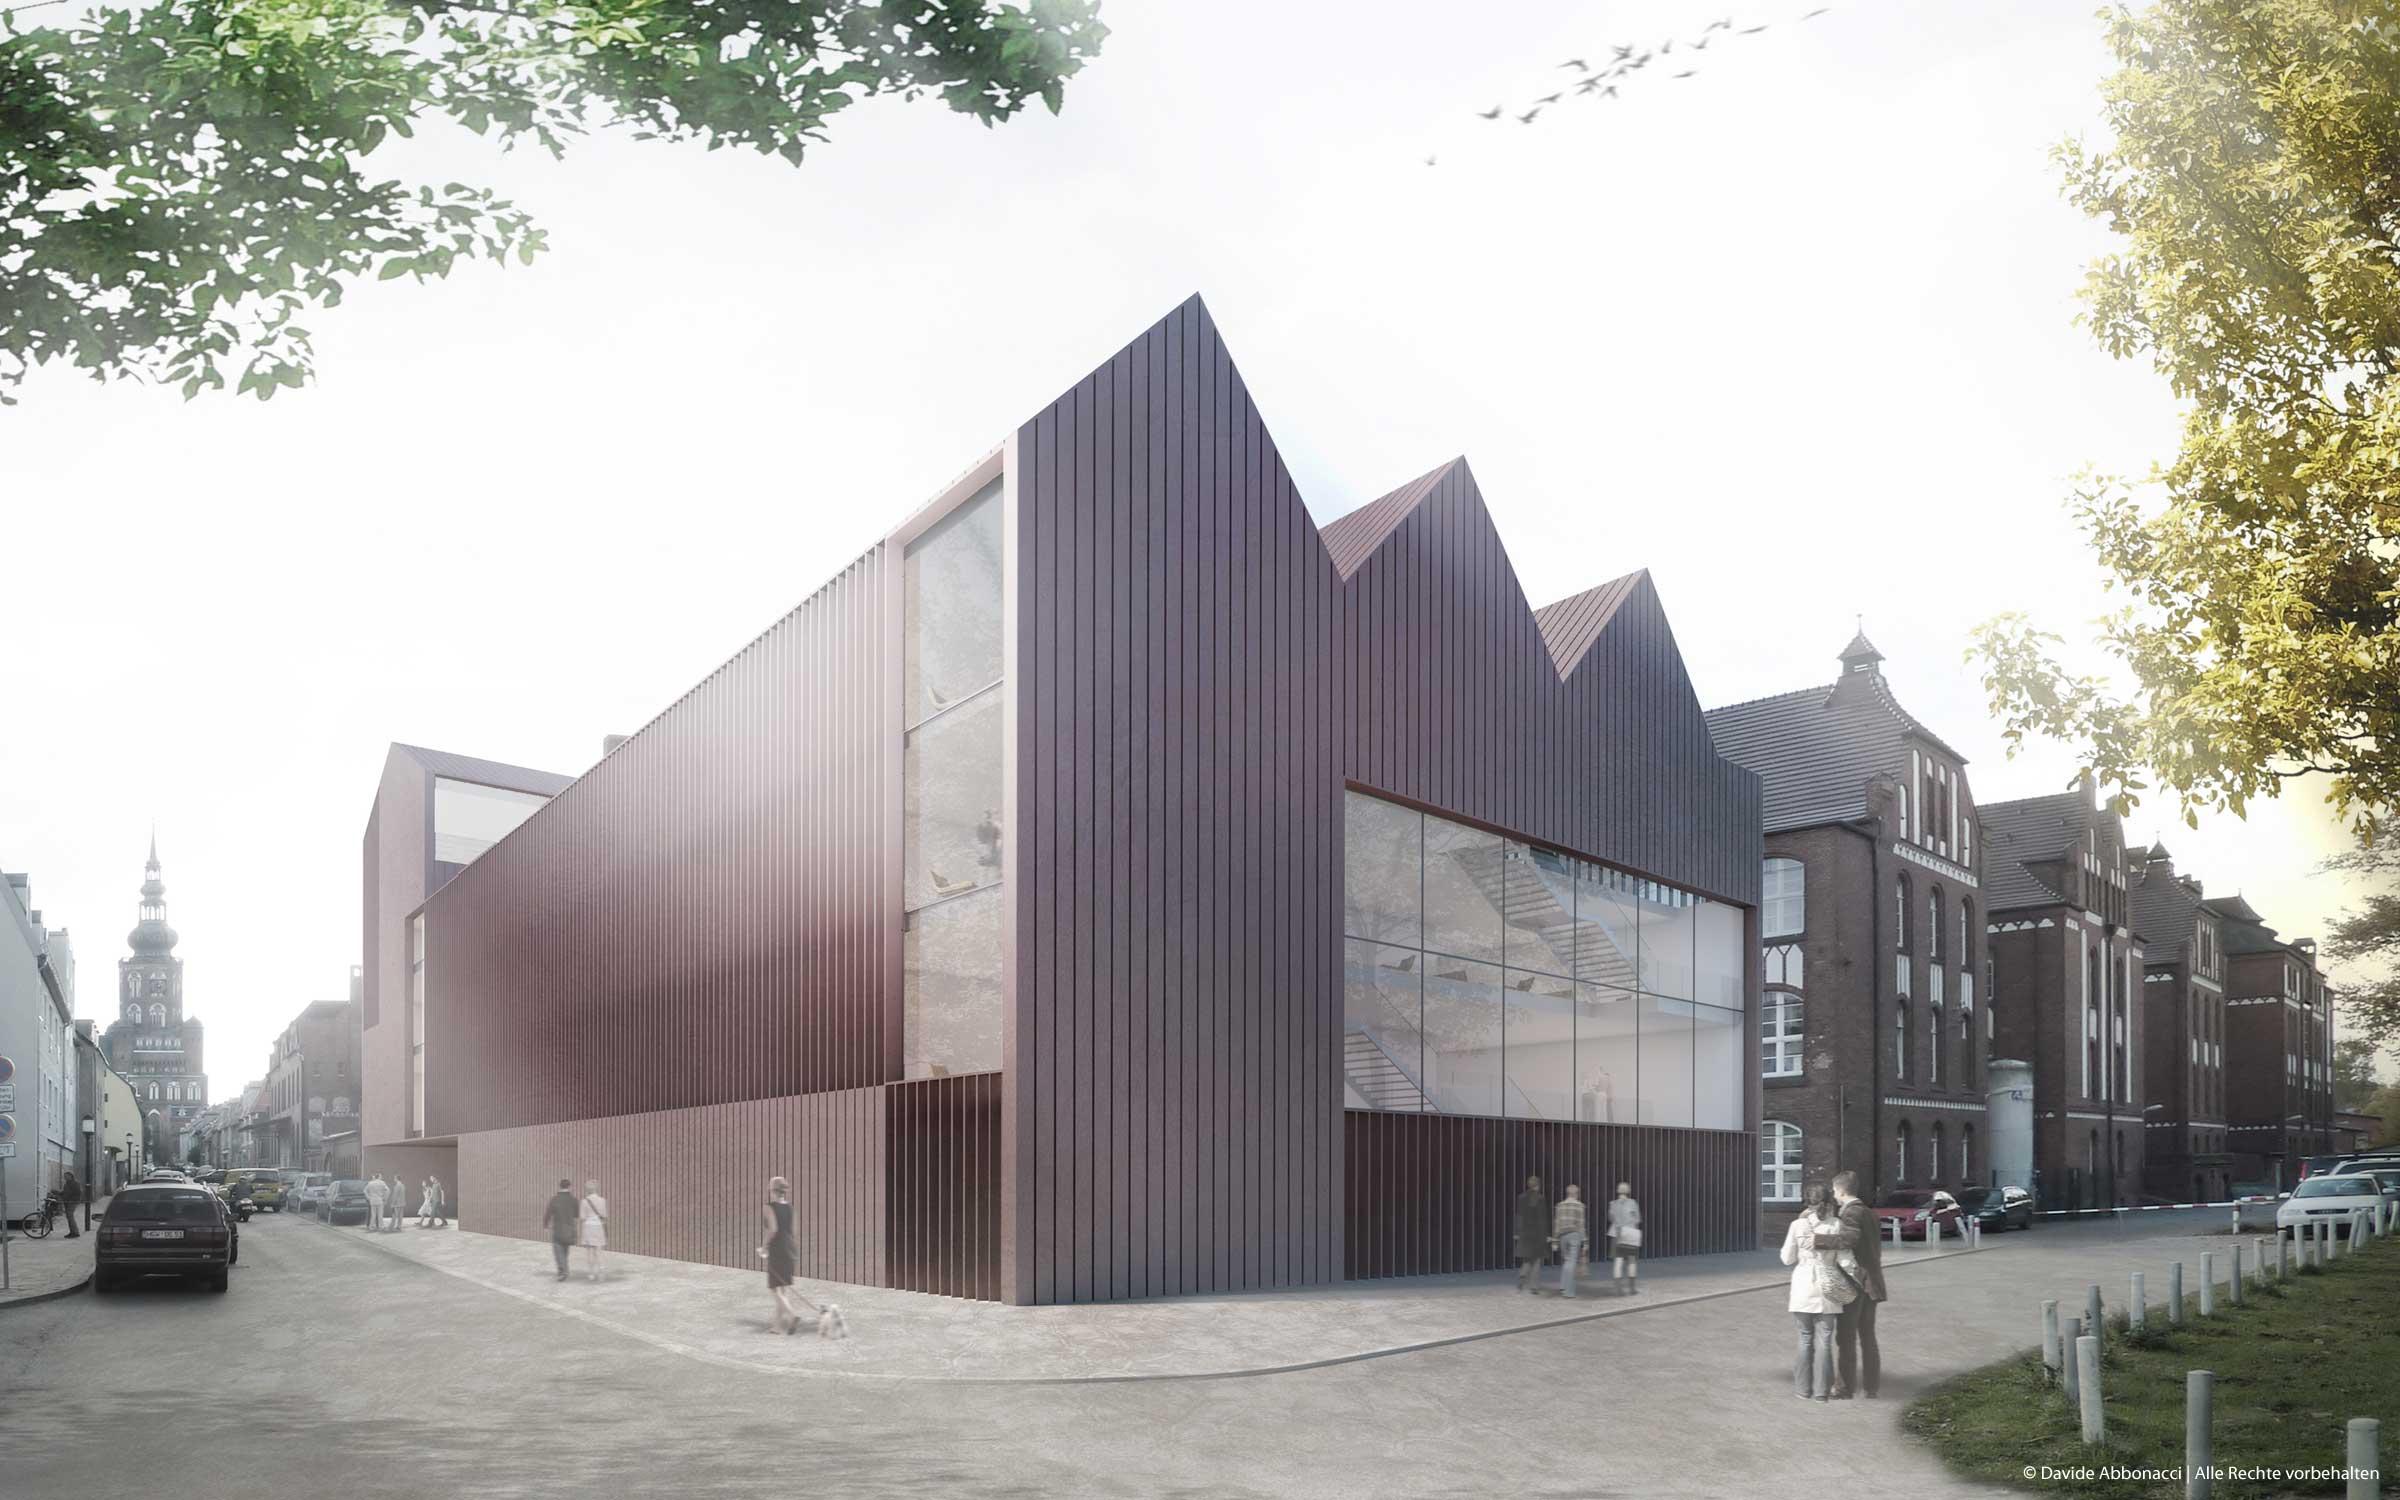 Ernst-Moritz-Arndt Universität, Greifswald   gmp Architekten von Gerkan, Marg und Partner   2011 Wettbewerbsvisualisierung